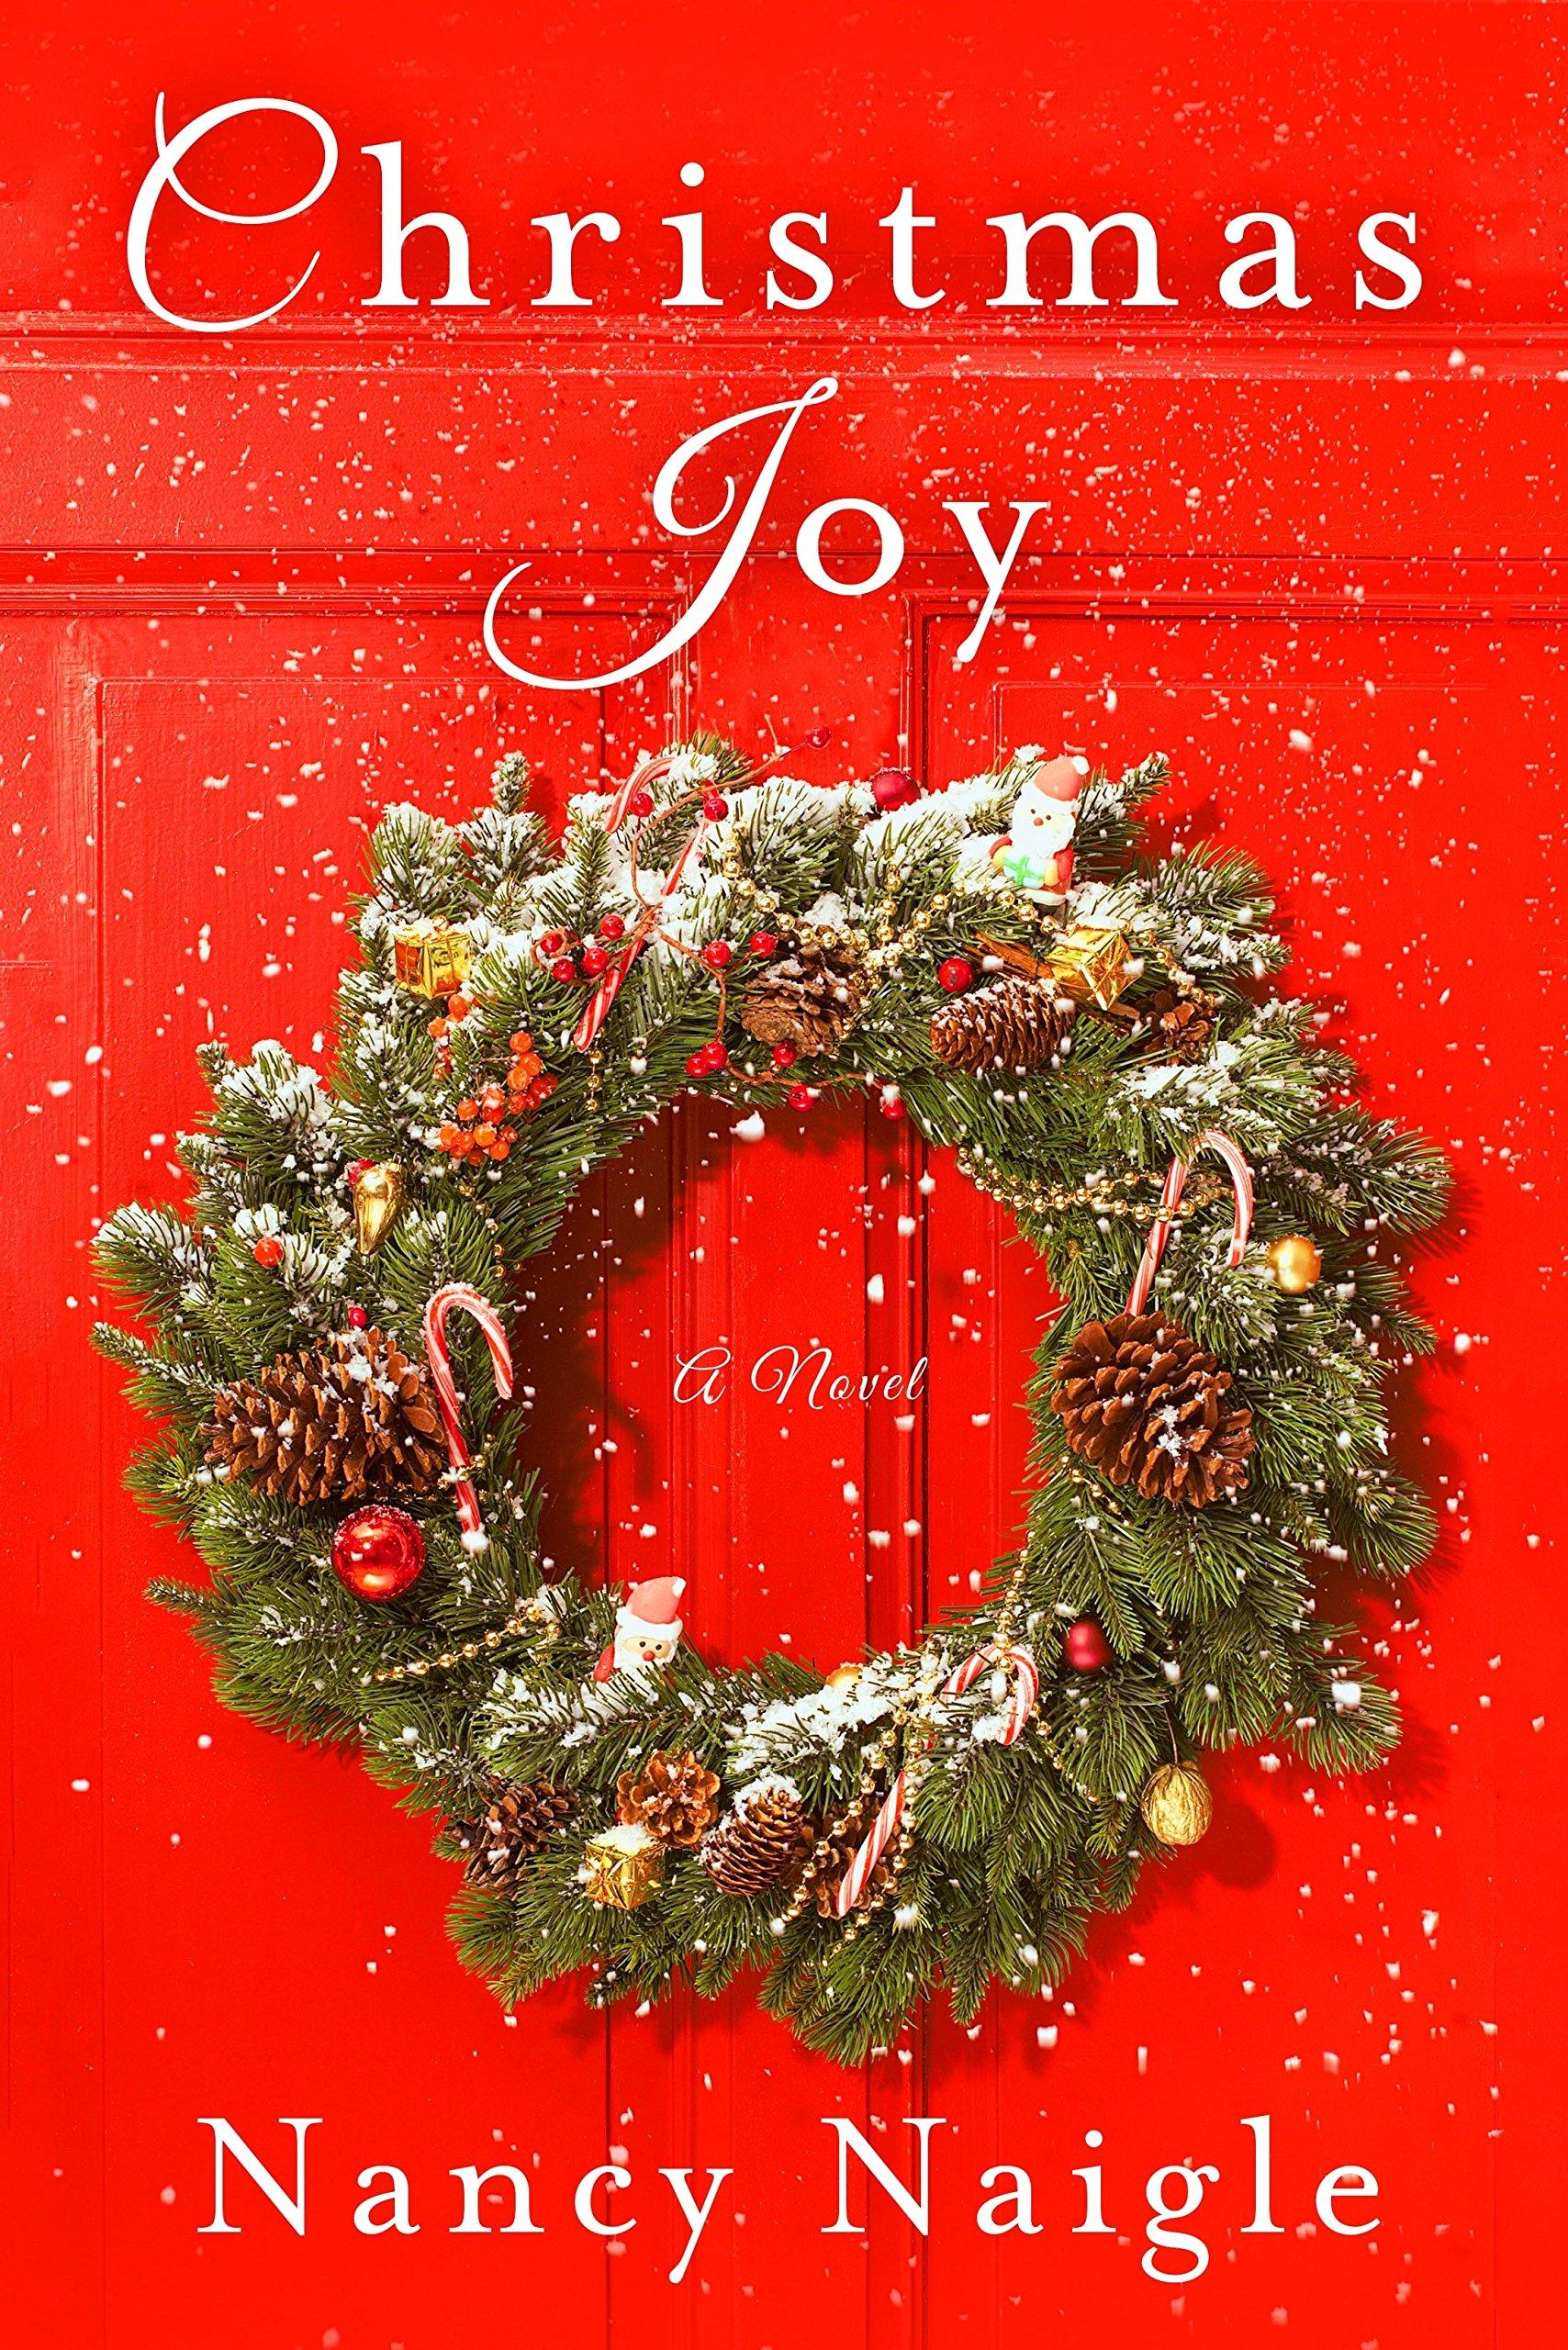 Amazon.com: Christmas Joy: A Novel (9781250106070): Nancy Naigle: Books